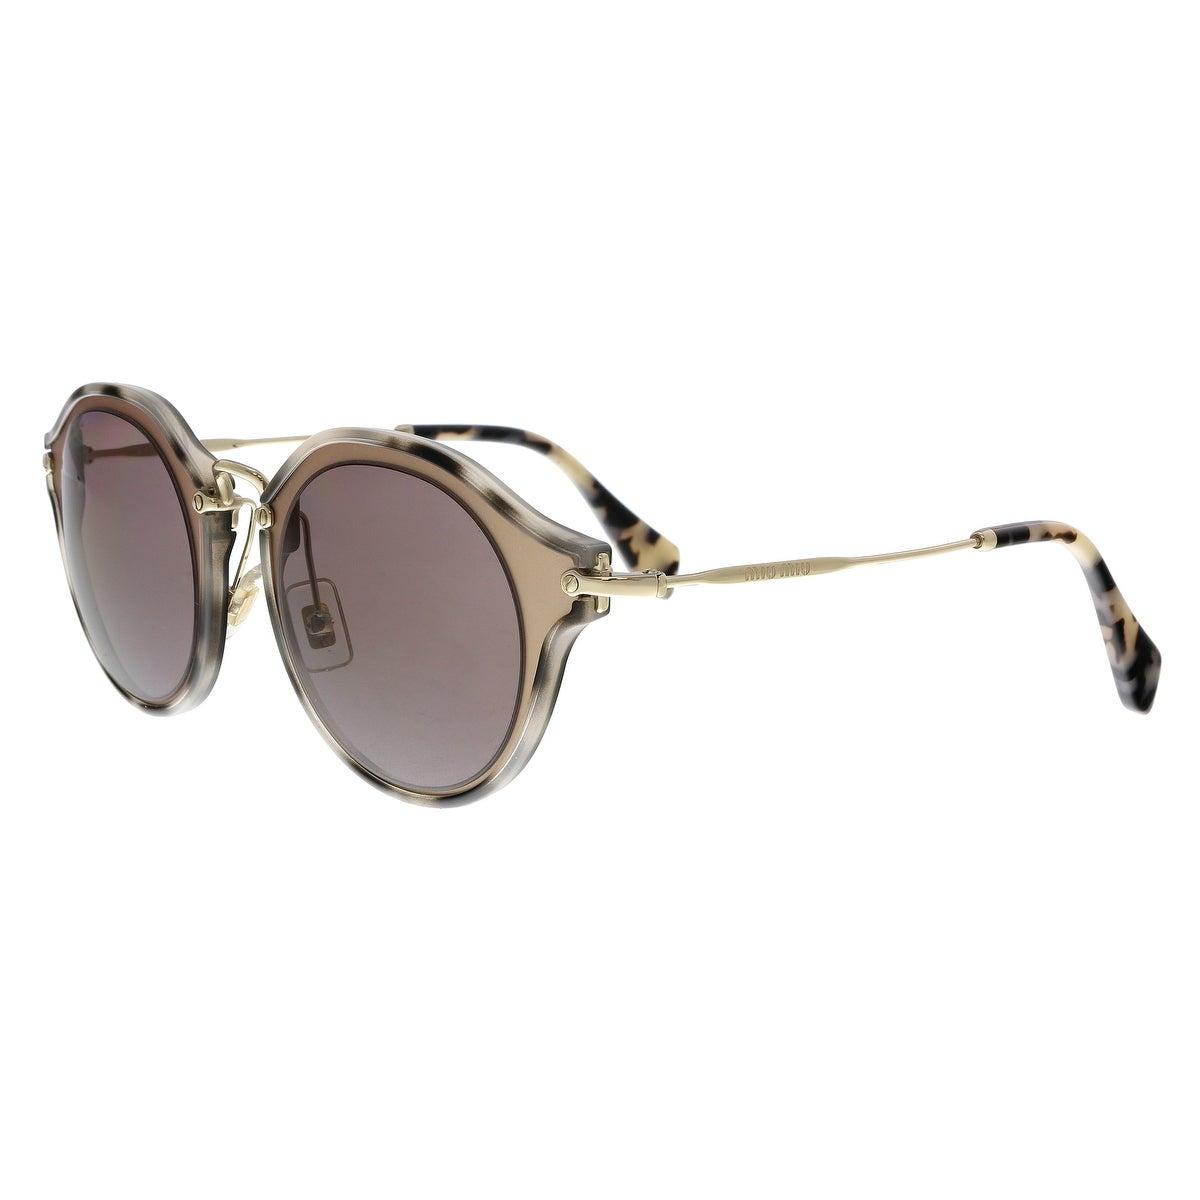 51561556741 Miu Miu Sunglasses